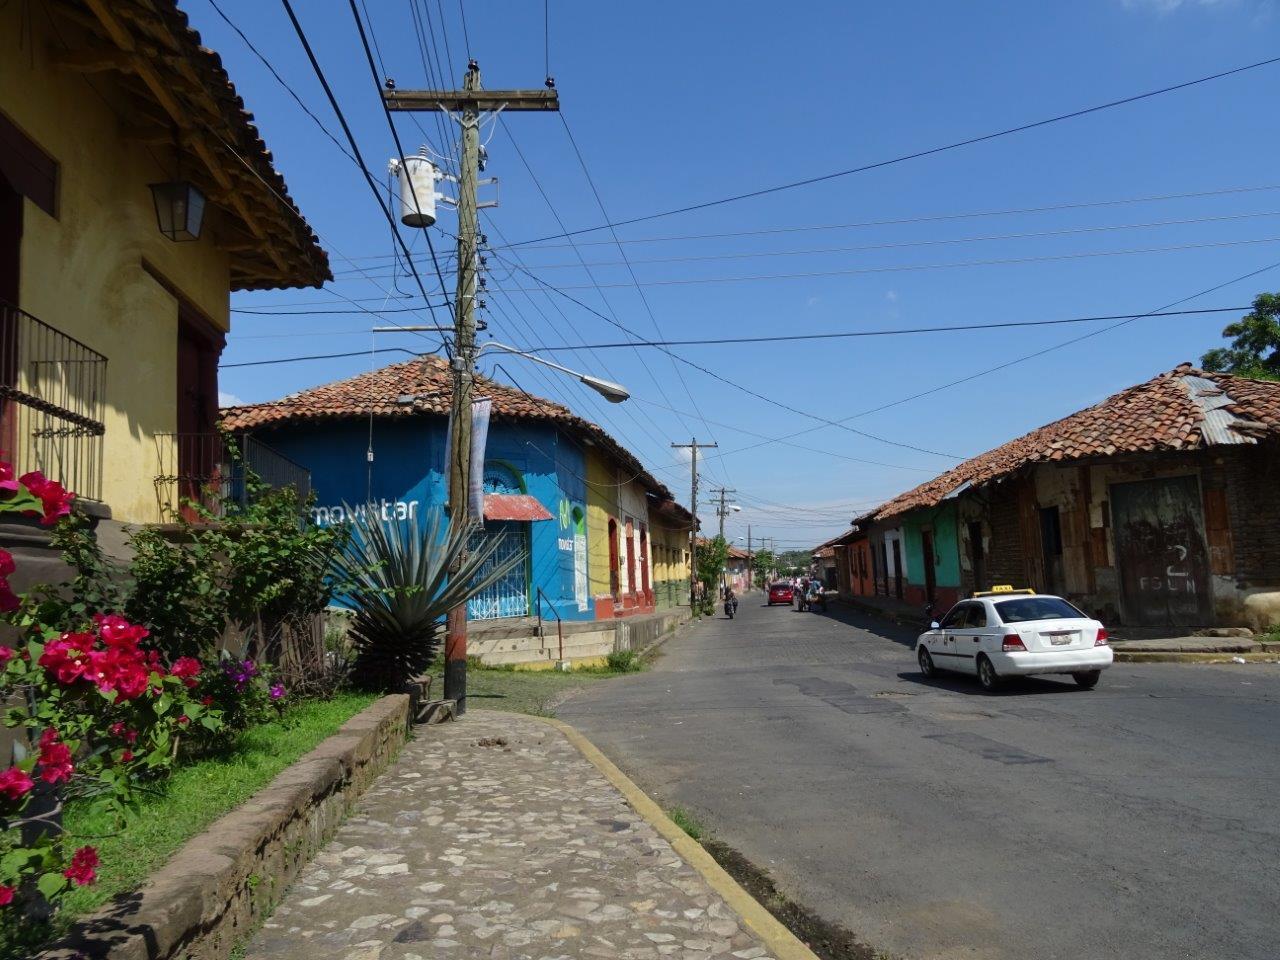 Thumbnail Voorbeeldreizen 1 - Nicaragua